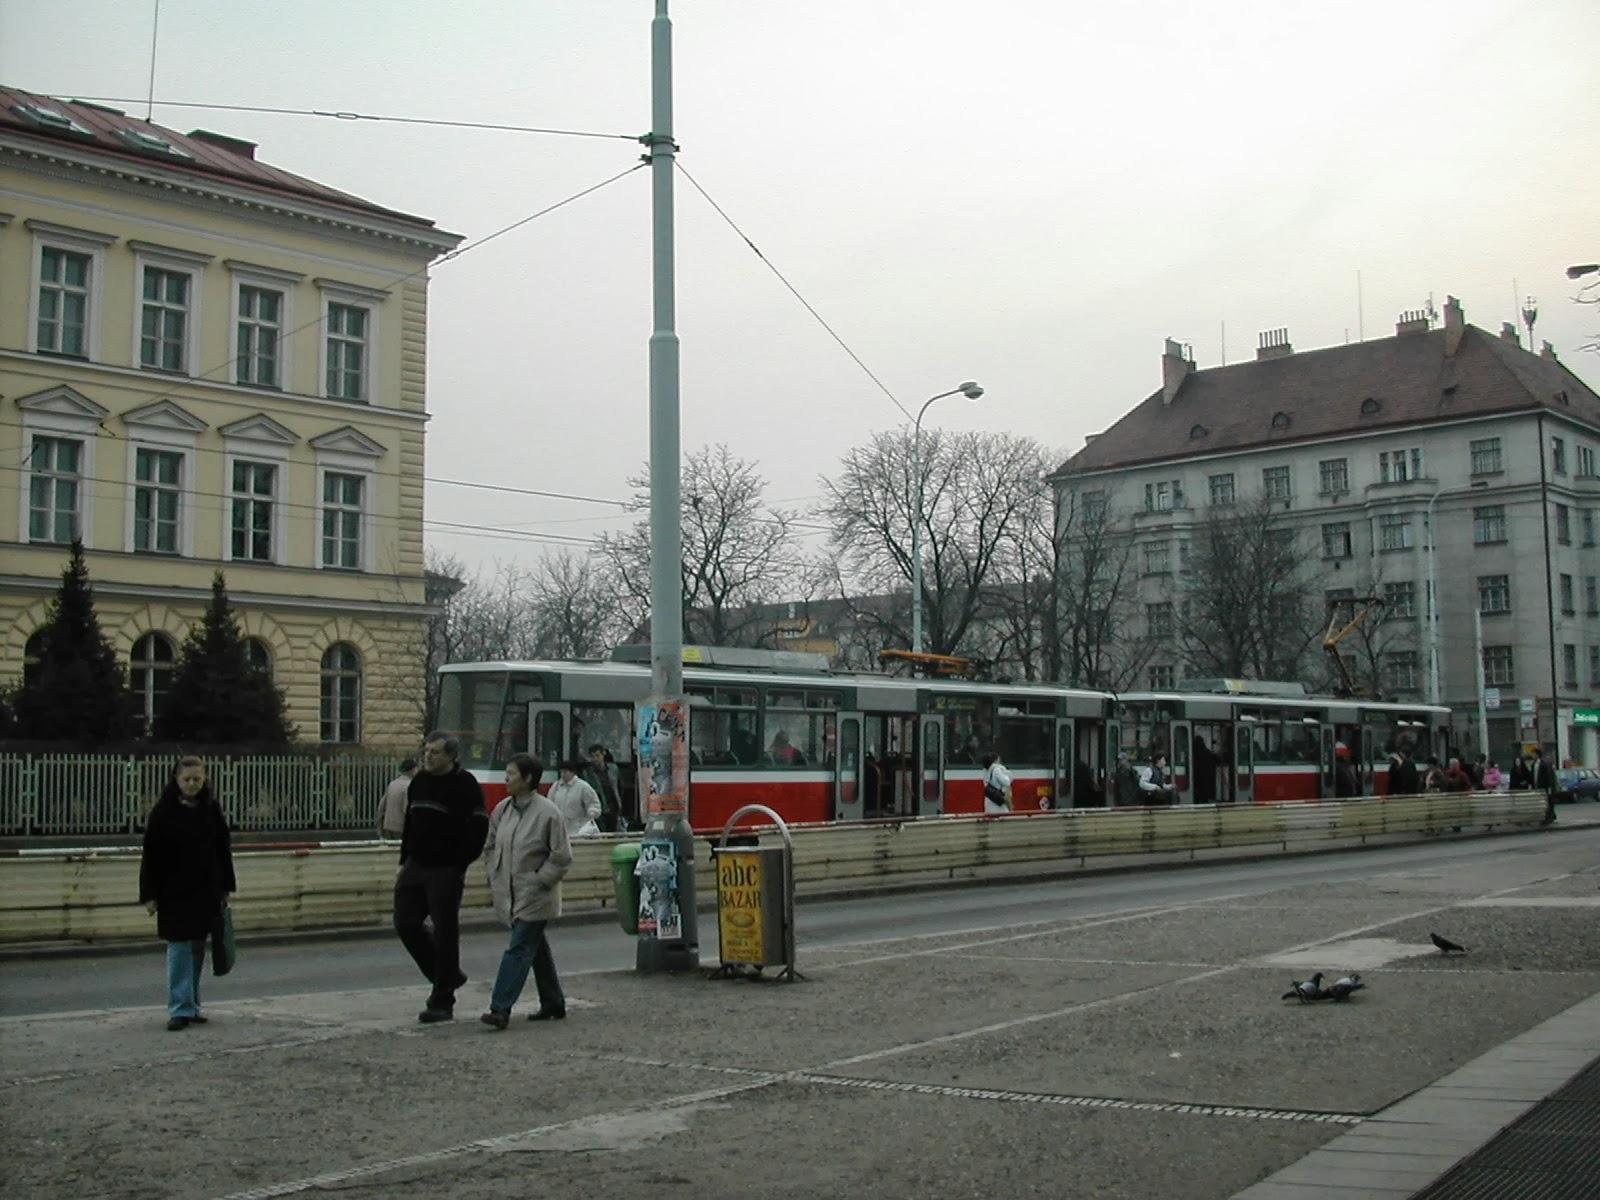 Pragda ne tür nehir aktığını biliyor musun